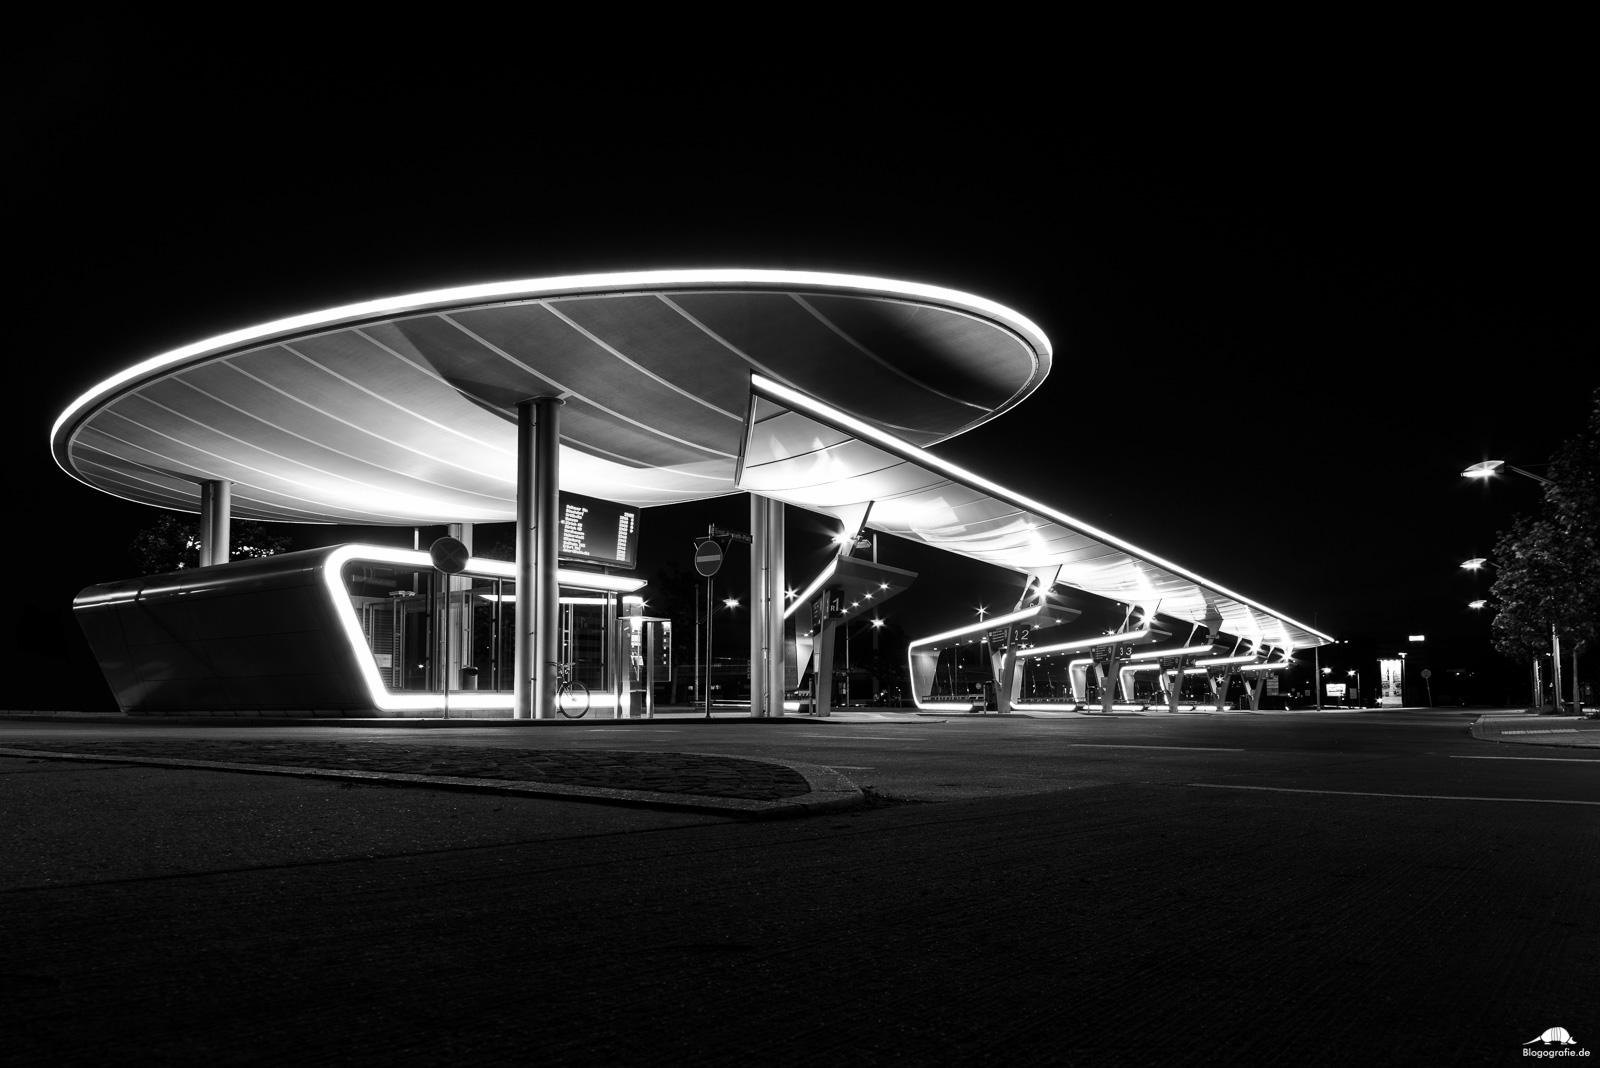 Halle (Saale) - Busbahnhof